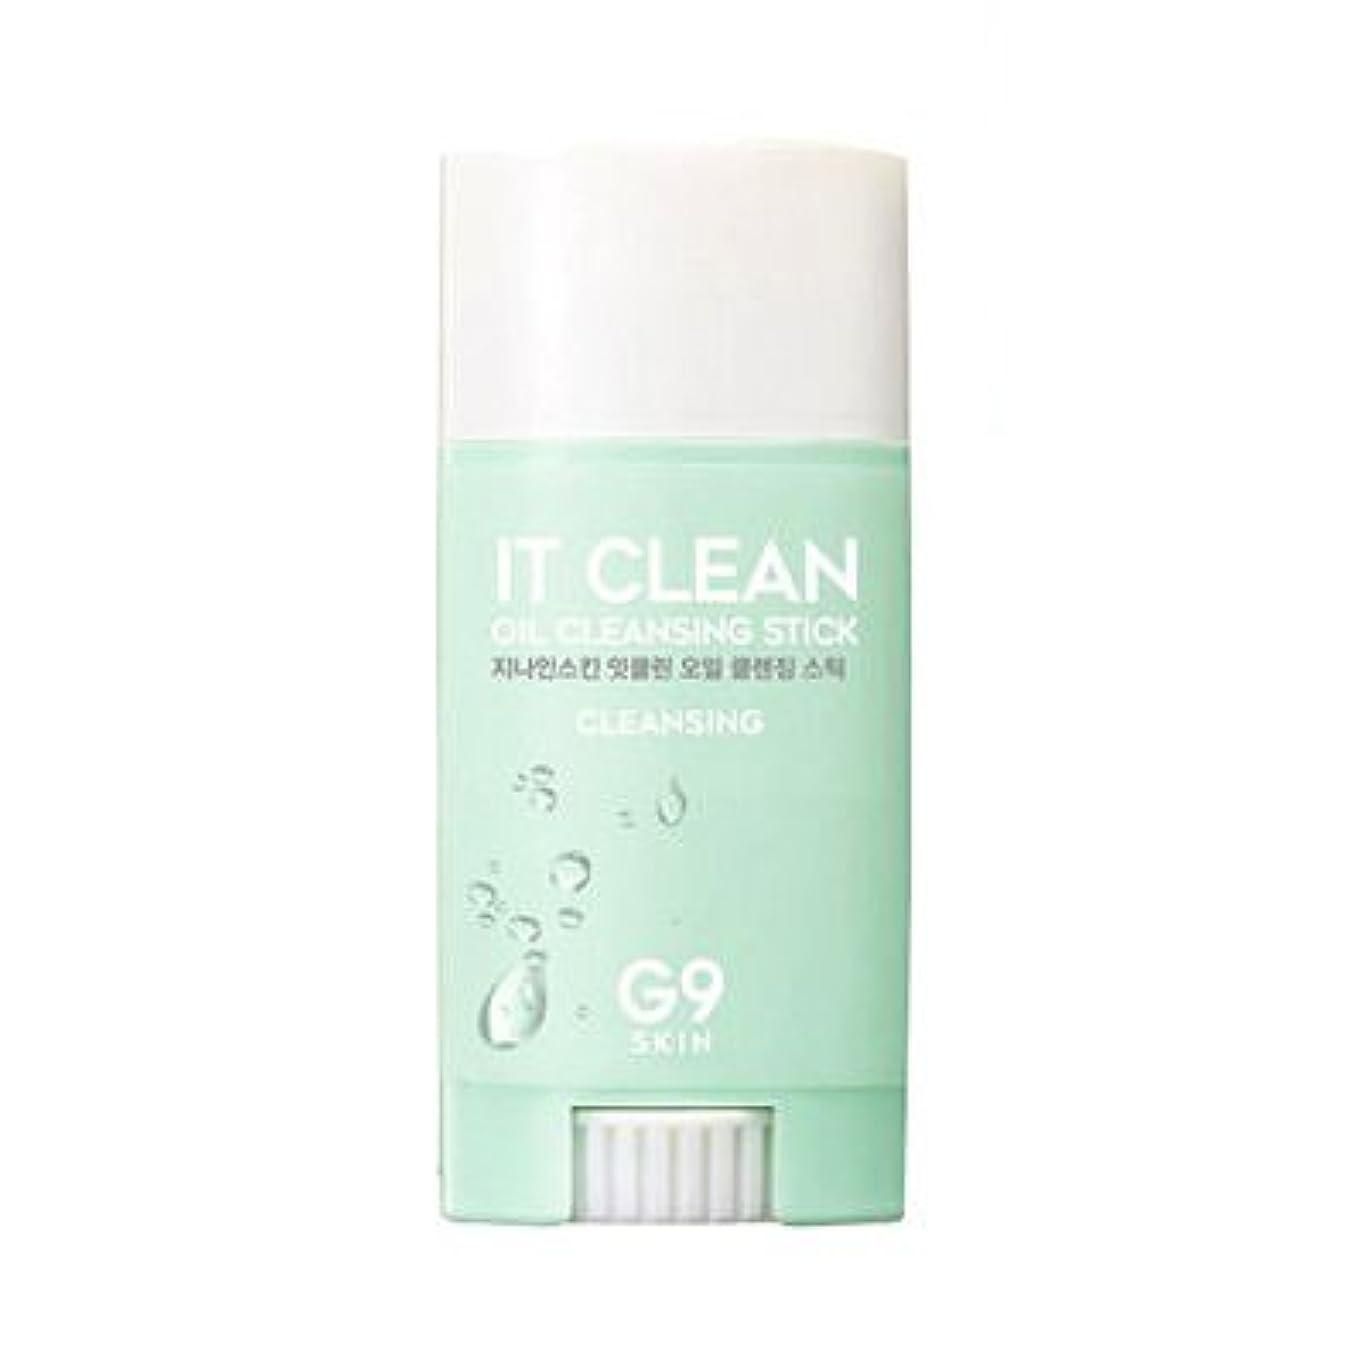 逆説ためにステンレスG9SKIN(ベリサム) It Clean Oil Cleansing Stick イットクリーンオイルクレンジングスティック